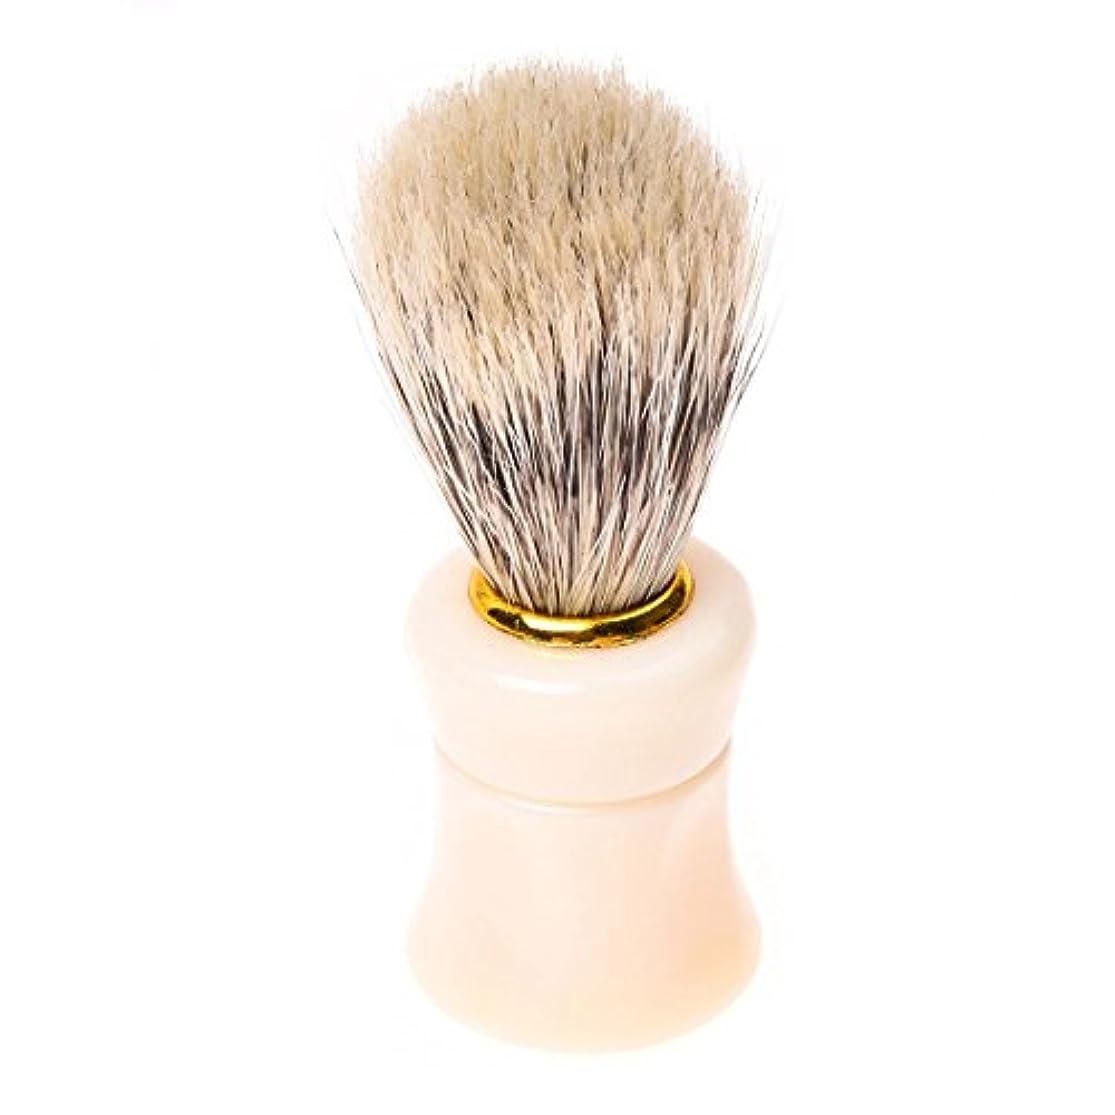 なぞらえる心配メーカーGaoominy 1個シェイビングシェービングブラシプラスチック製のハンドル+ブタの猪毛皮のひげの口ひげのブラシベージュ